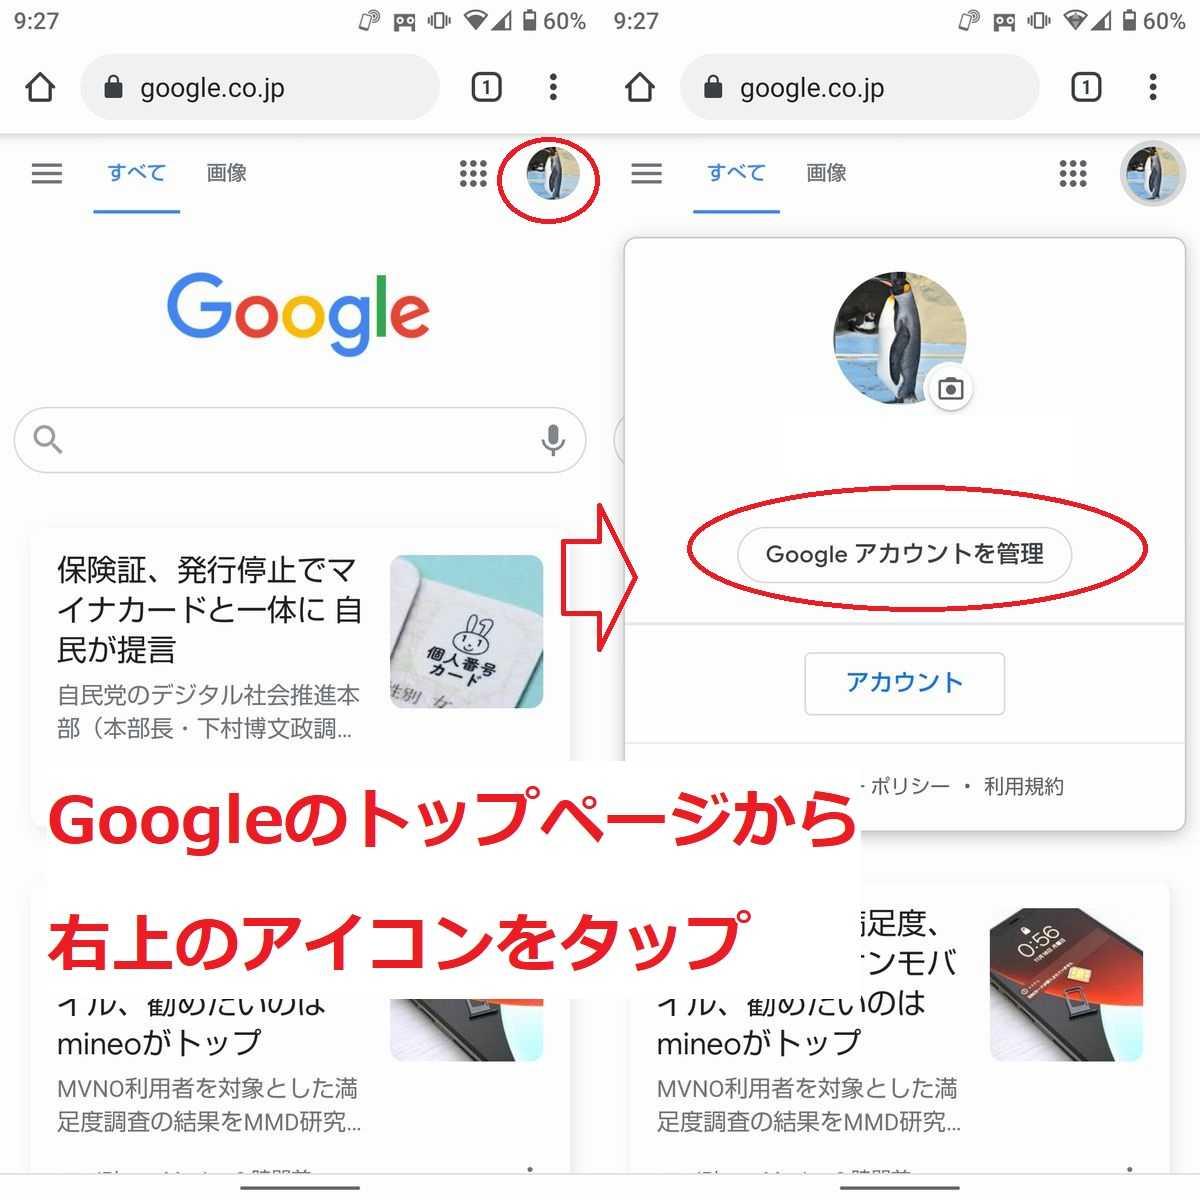 Googleアカウント管理画面への行き方